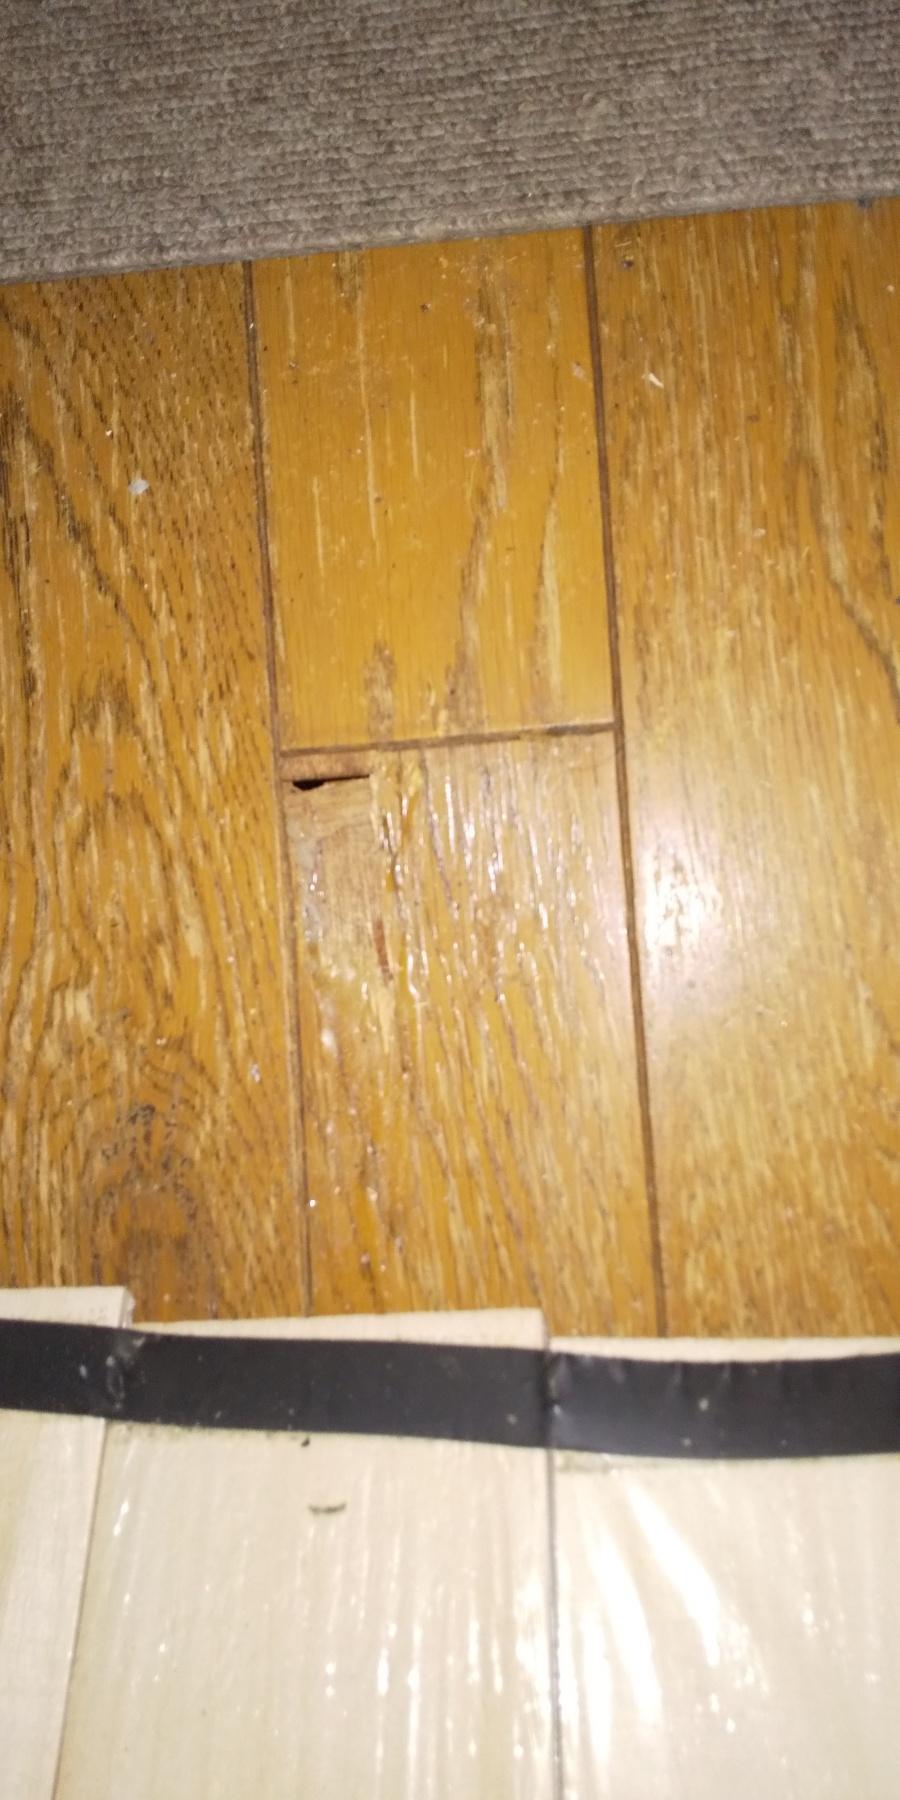 西宮市木造二階建て住宅雨漏れ被害フローリング腐食